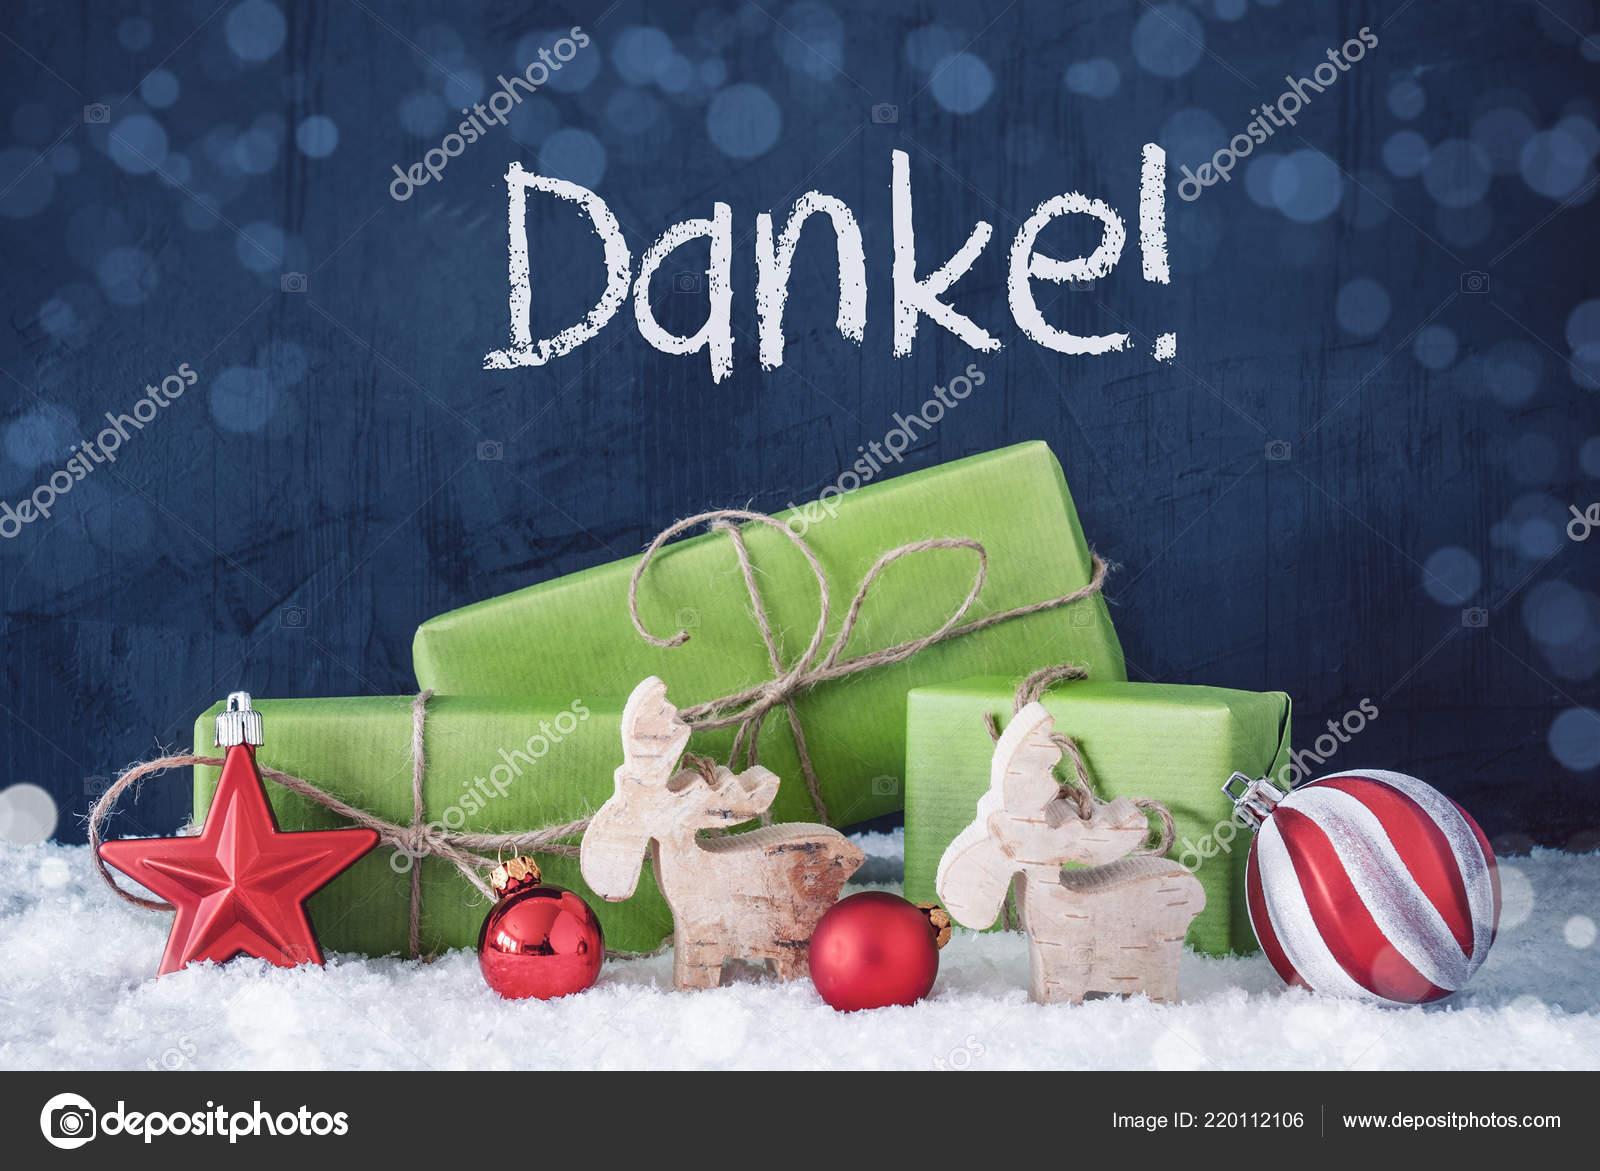 Grüne Weihnachten Geschenke, Schnee, Mittel Danke danke — Stockfoto ...